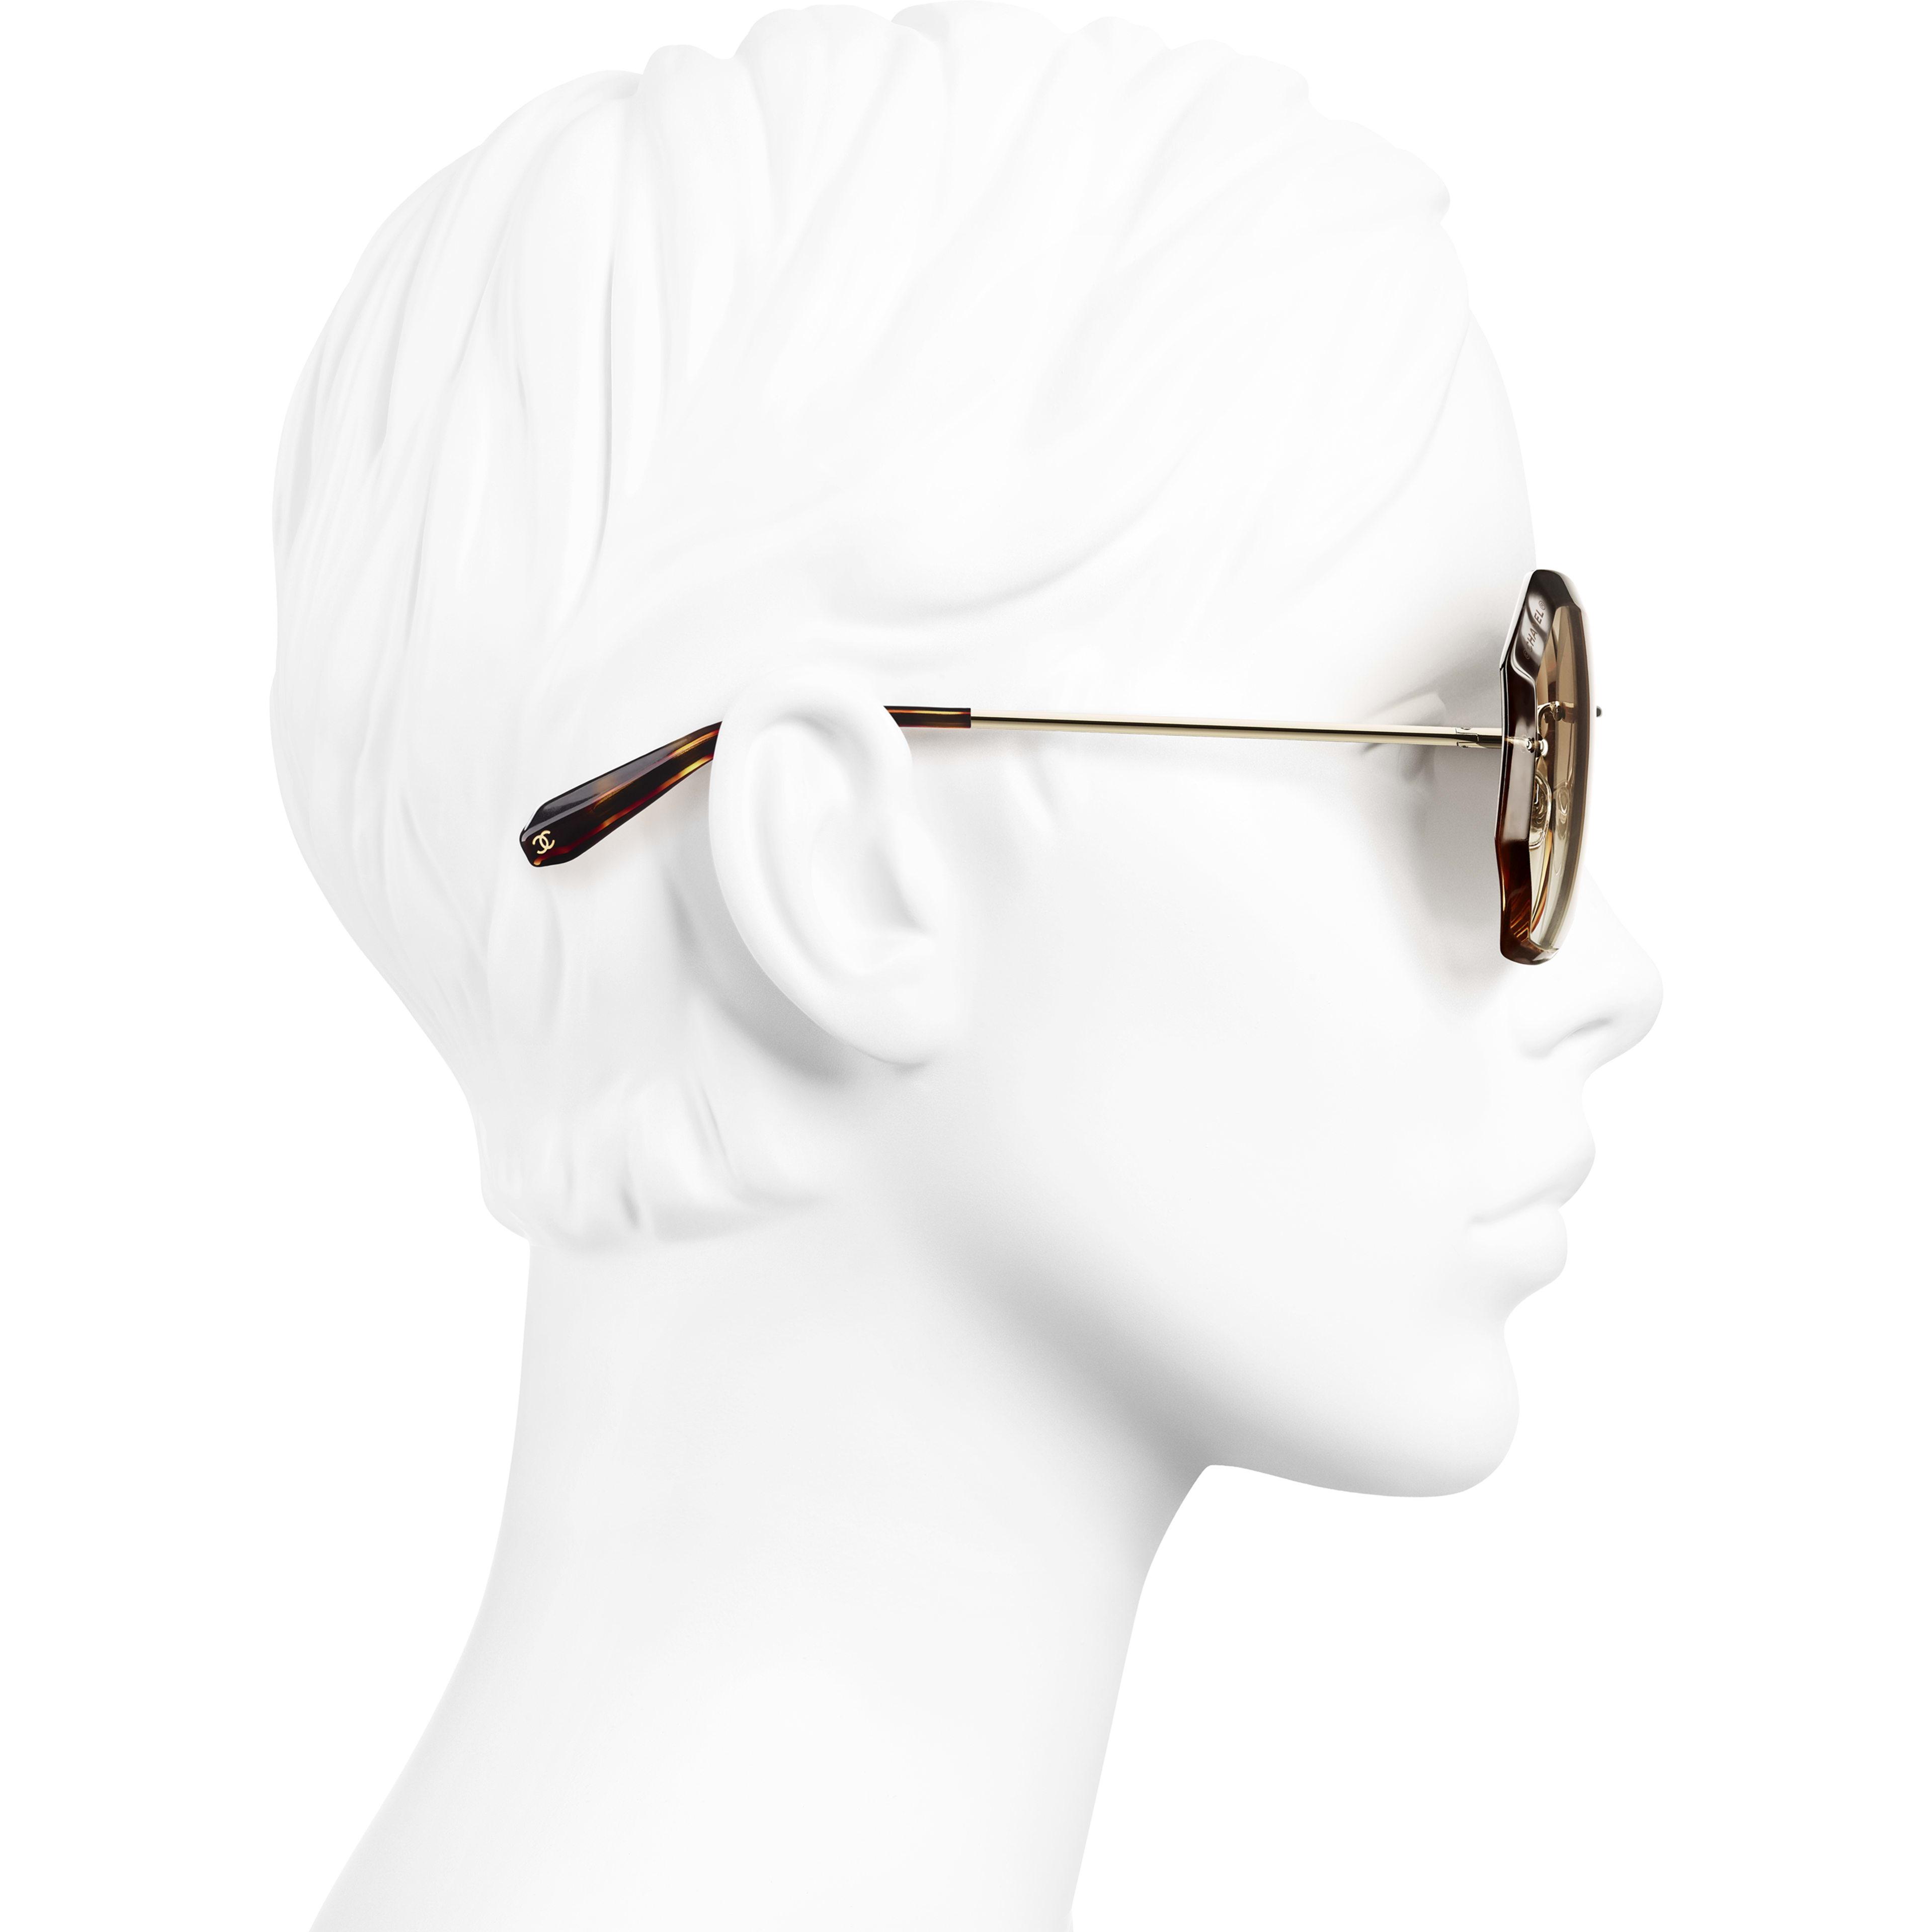 圓形太陽眼鏡 - 金與米 - 金屬 - CHANEL - 配戴時的側面視圖 - 查看標準尺寸版本